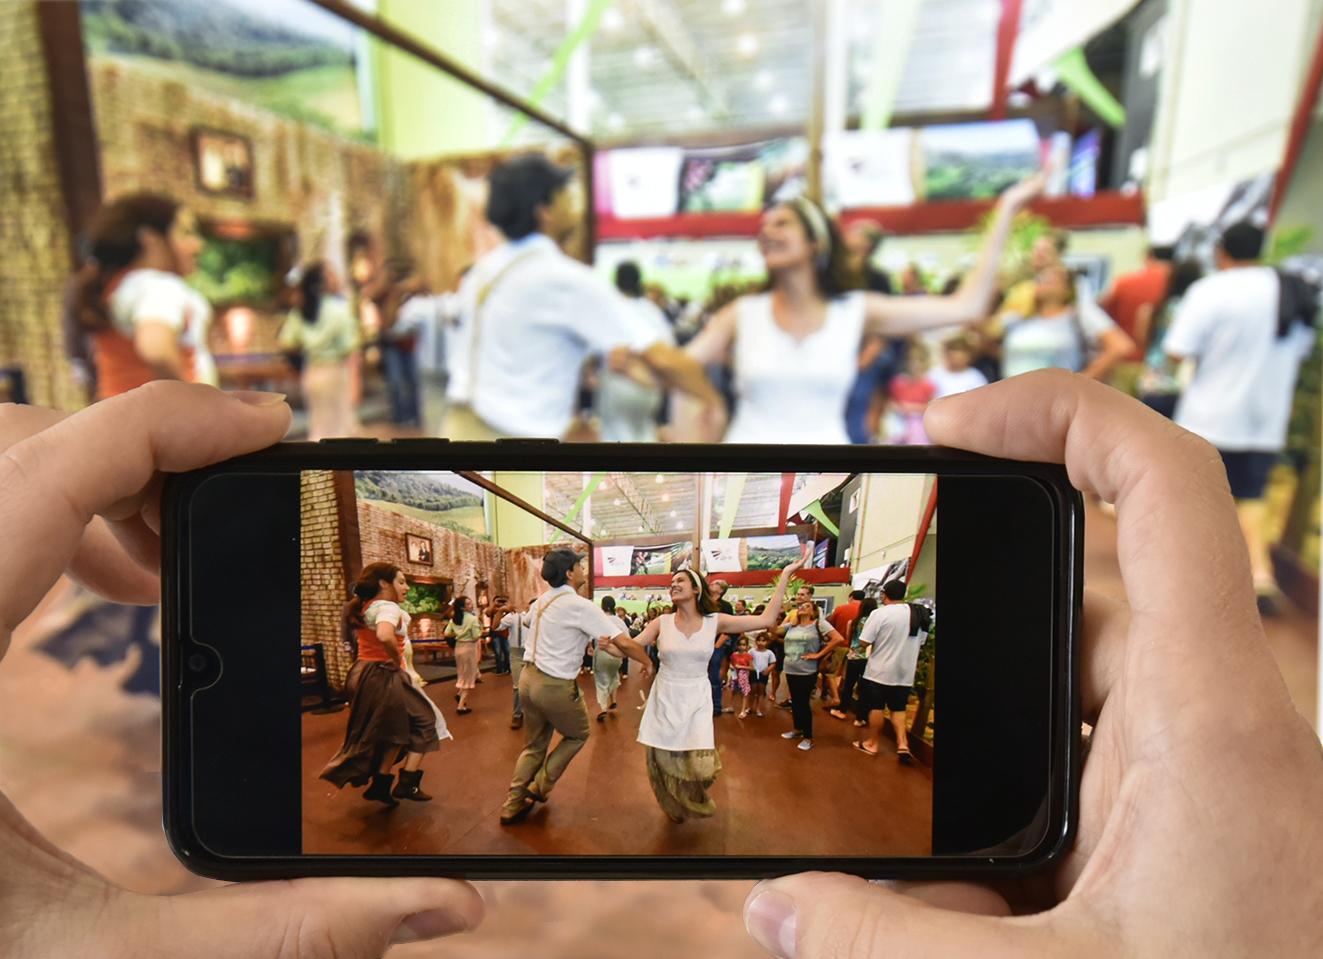 Transmissões ao vivo devem contemplar propostas artísticas inéditas para veiculação